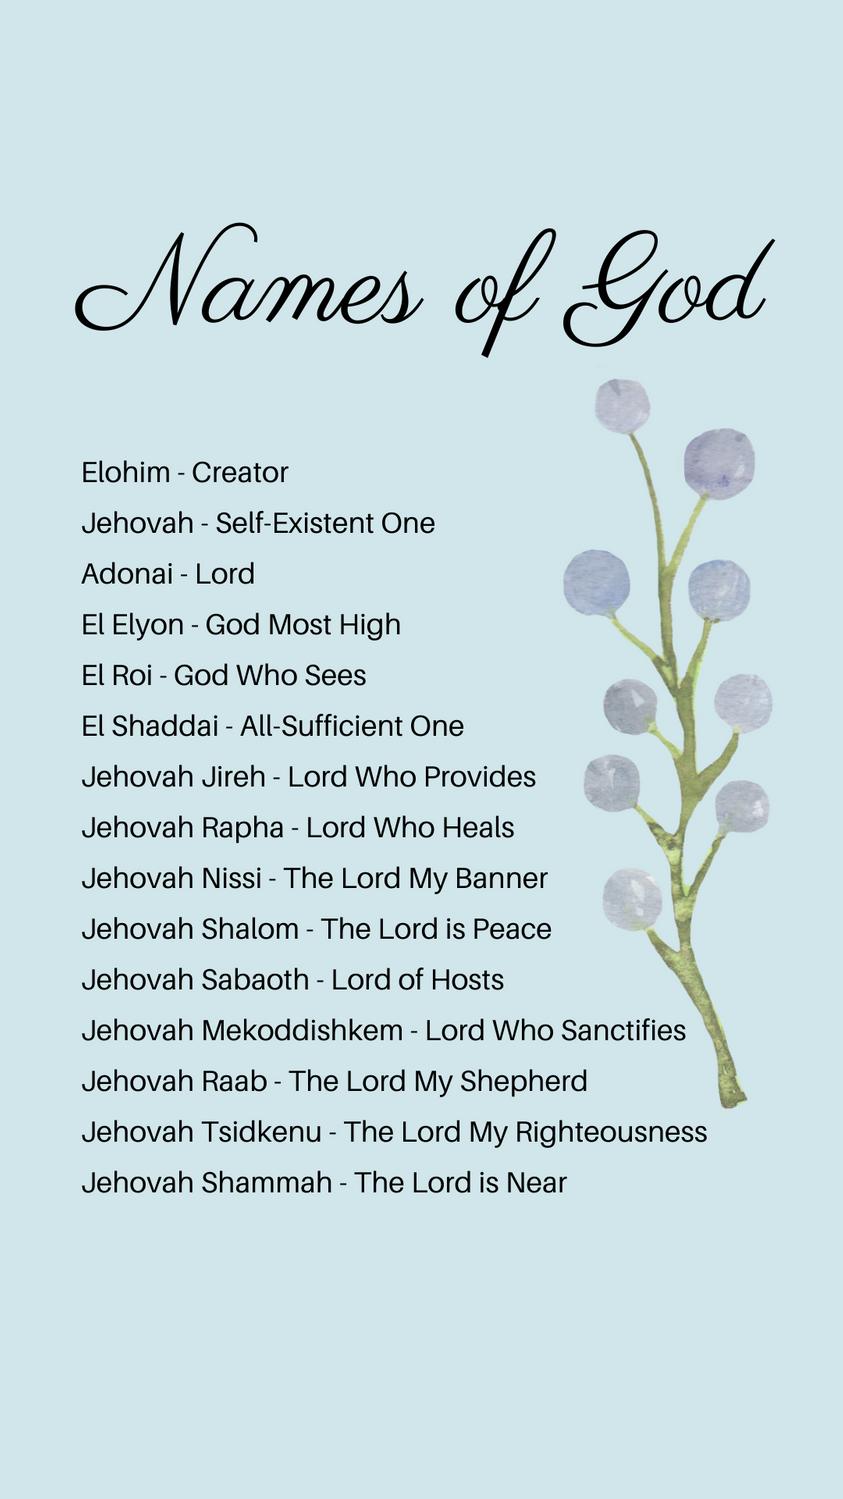 Names of God List (FREE Printable)